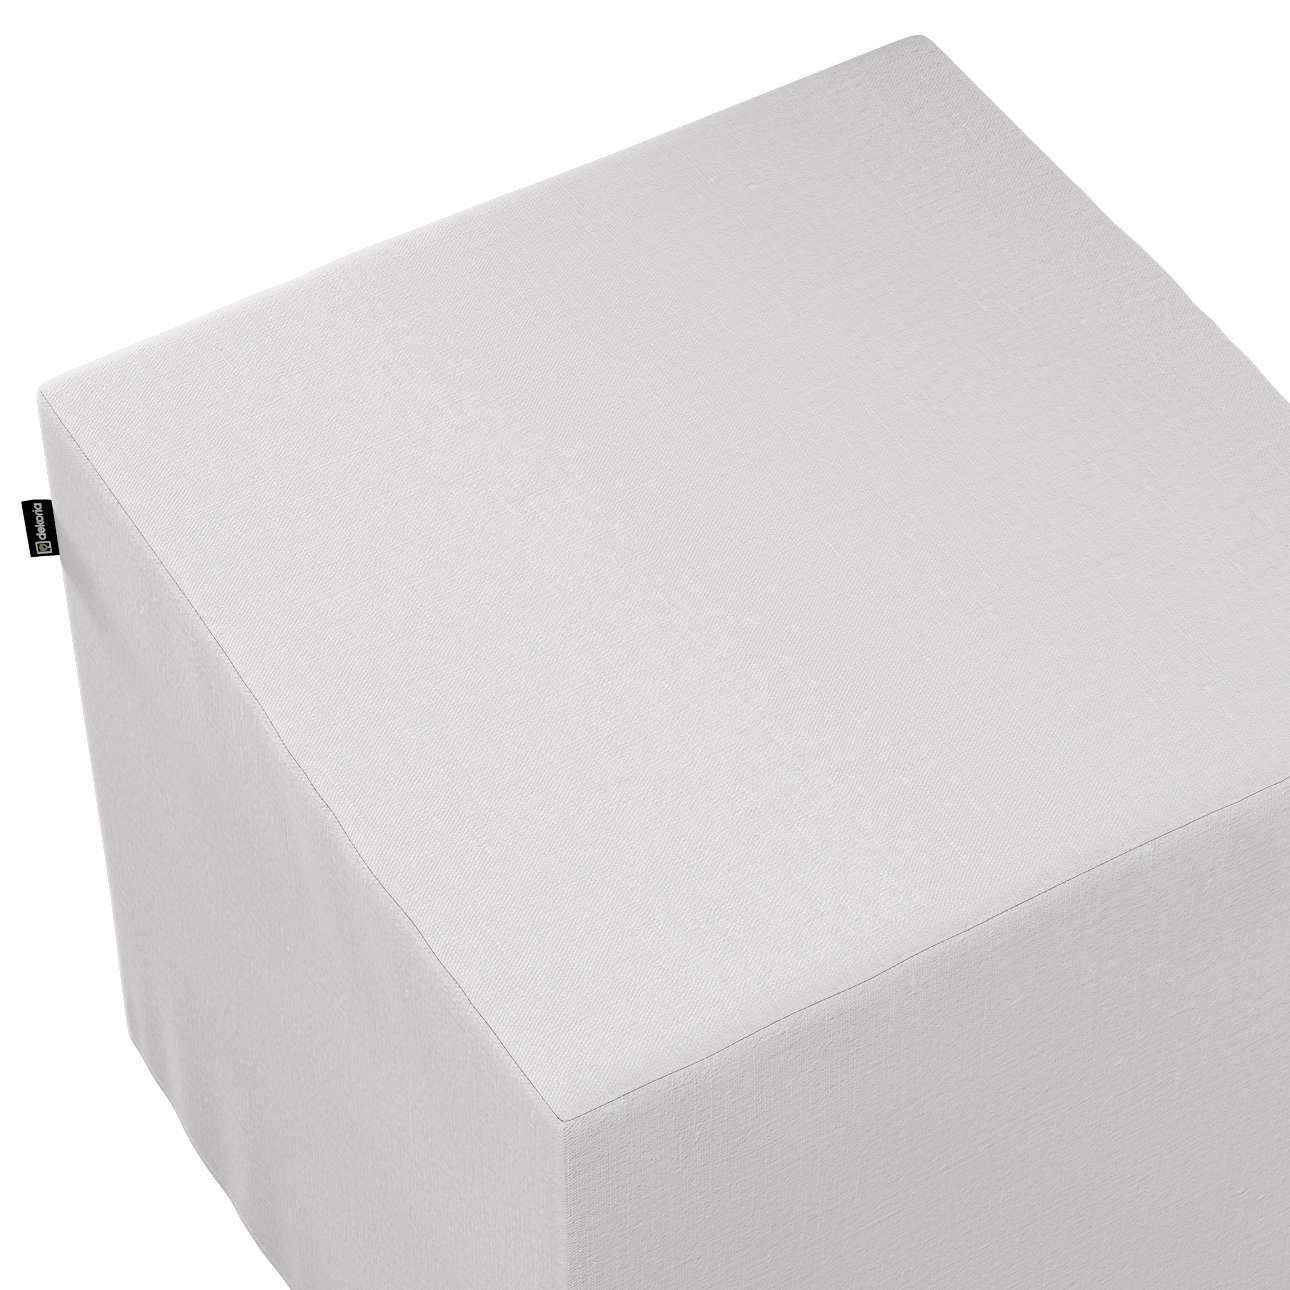 Siddepuf og fodskammel fra kollektionen Linen, Stof: 392-04